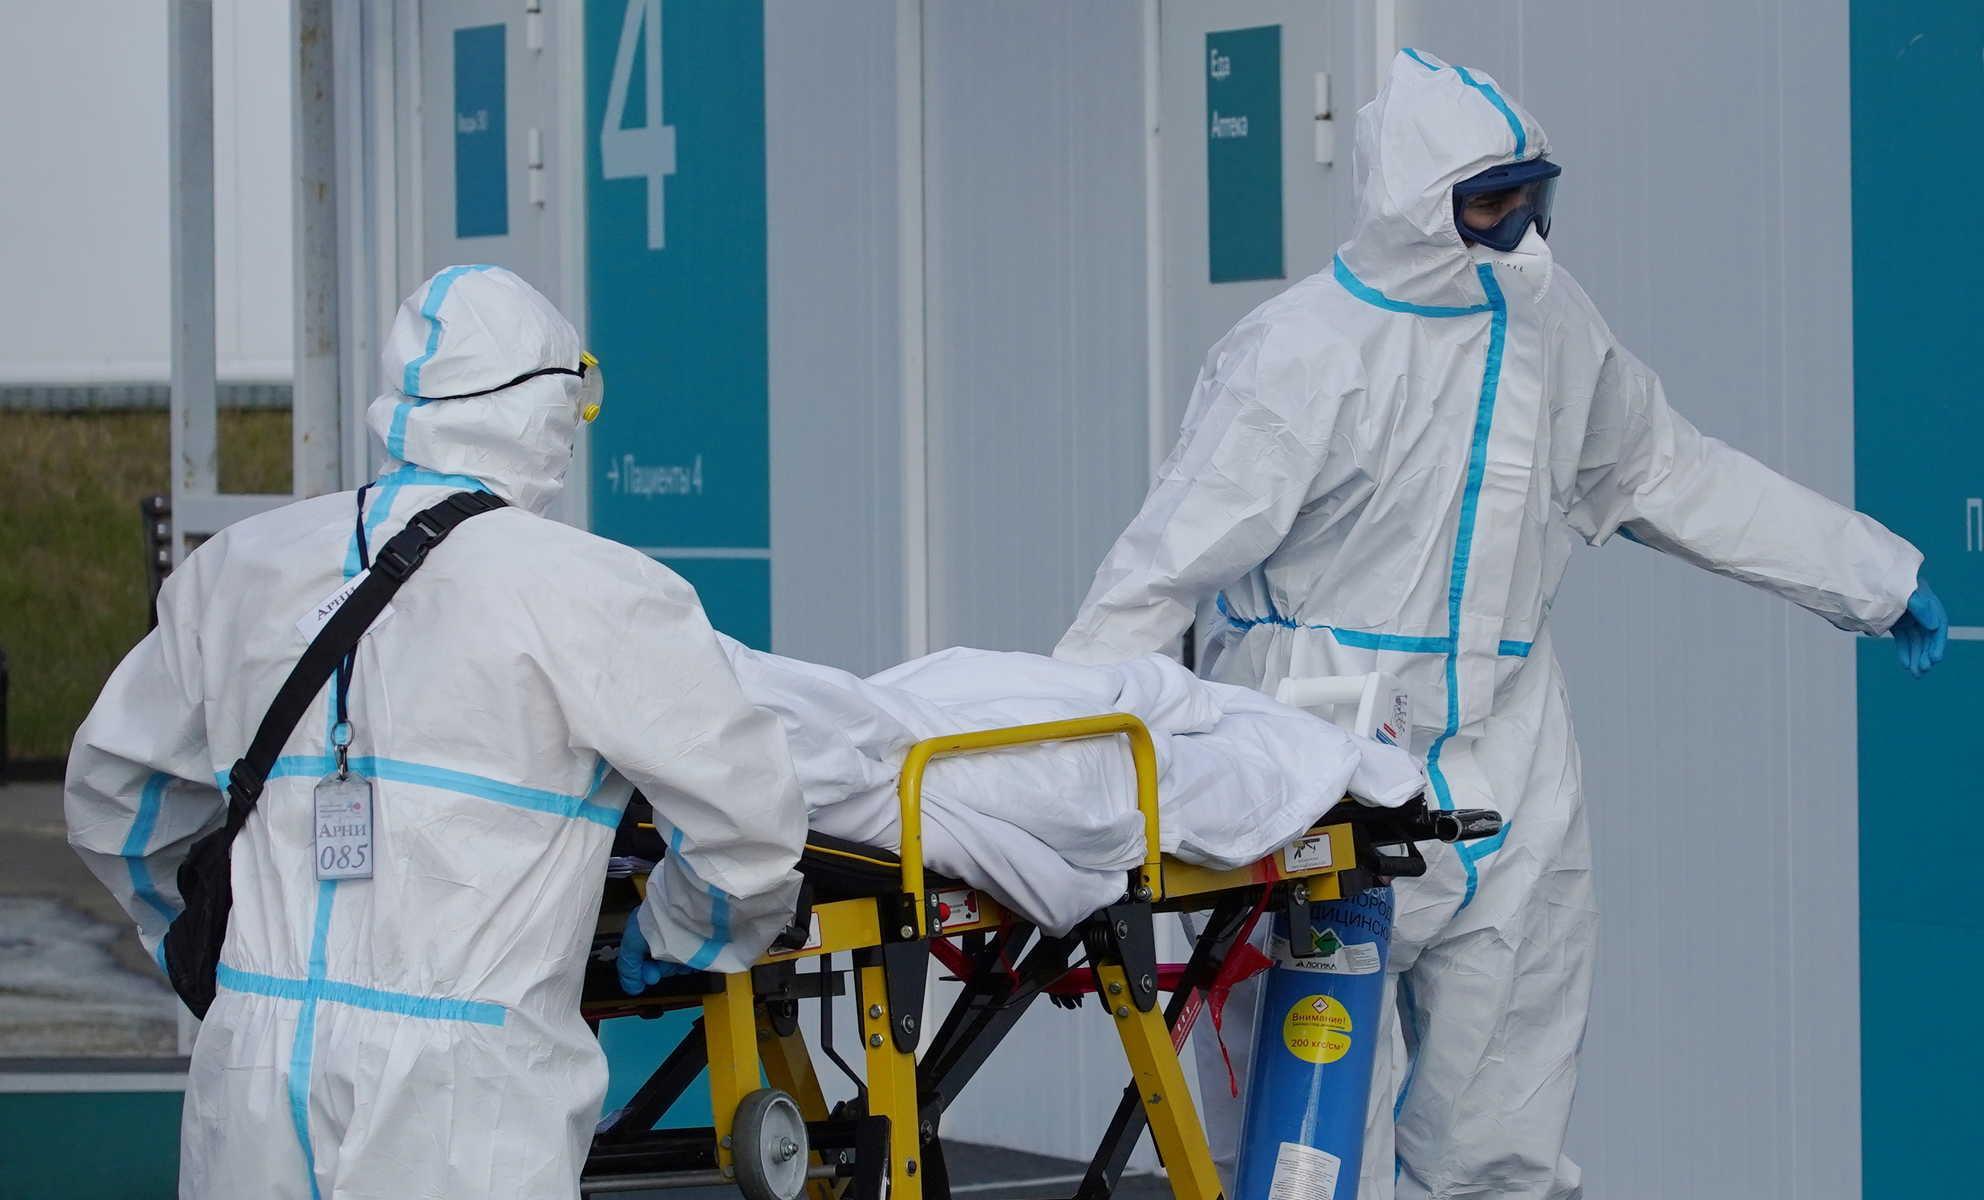 إندونيسيا.. وفاة أكثر من ألف من العاملين في المجال الطبي بكوفيد-19